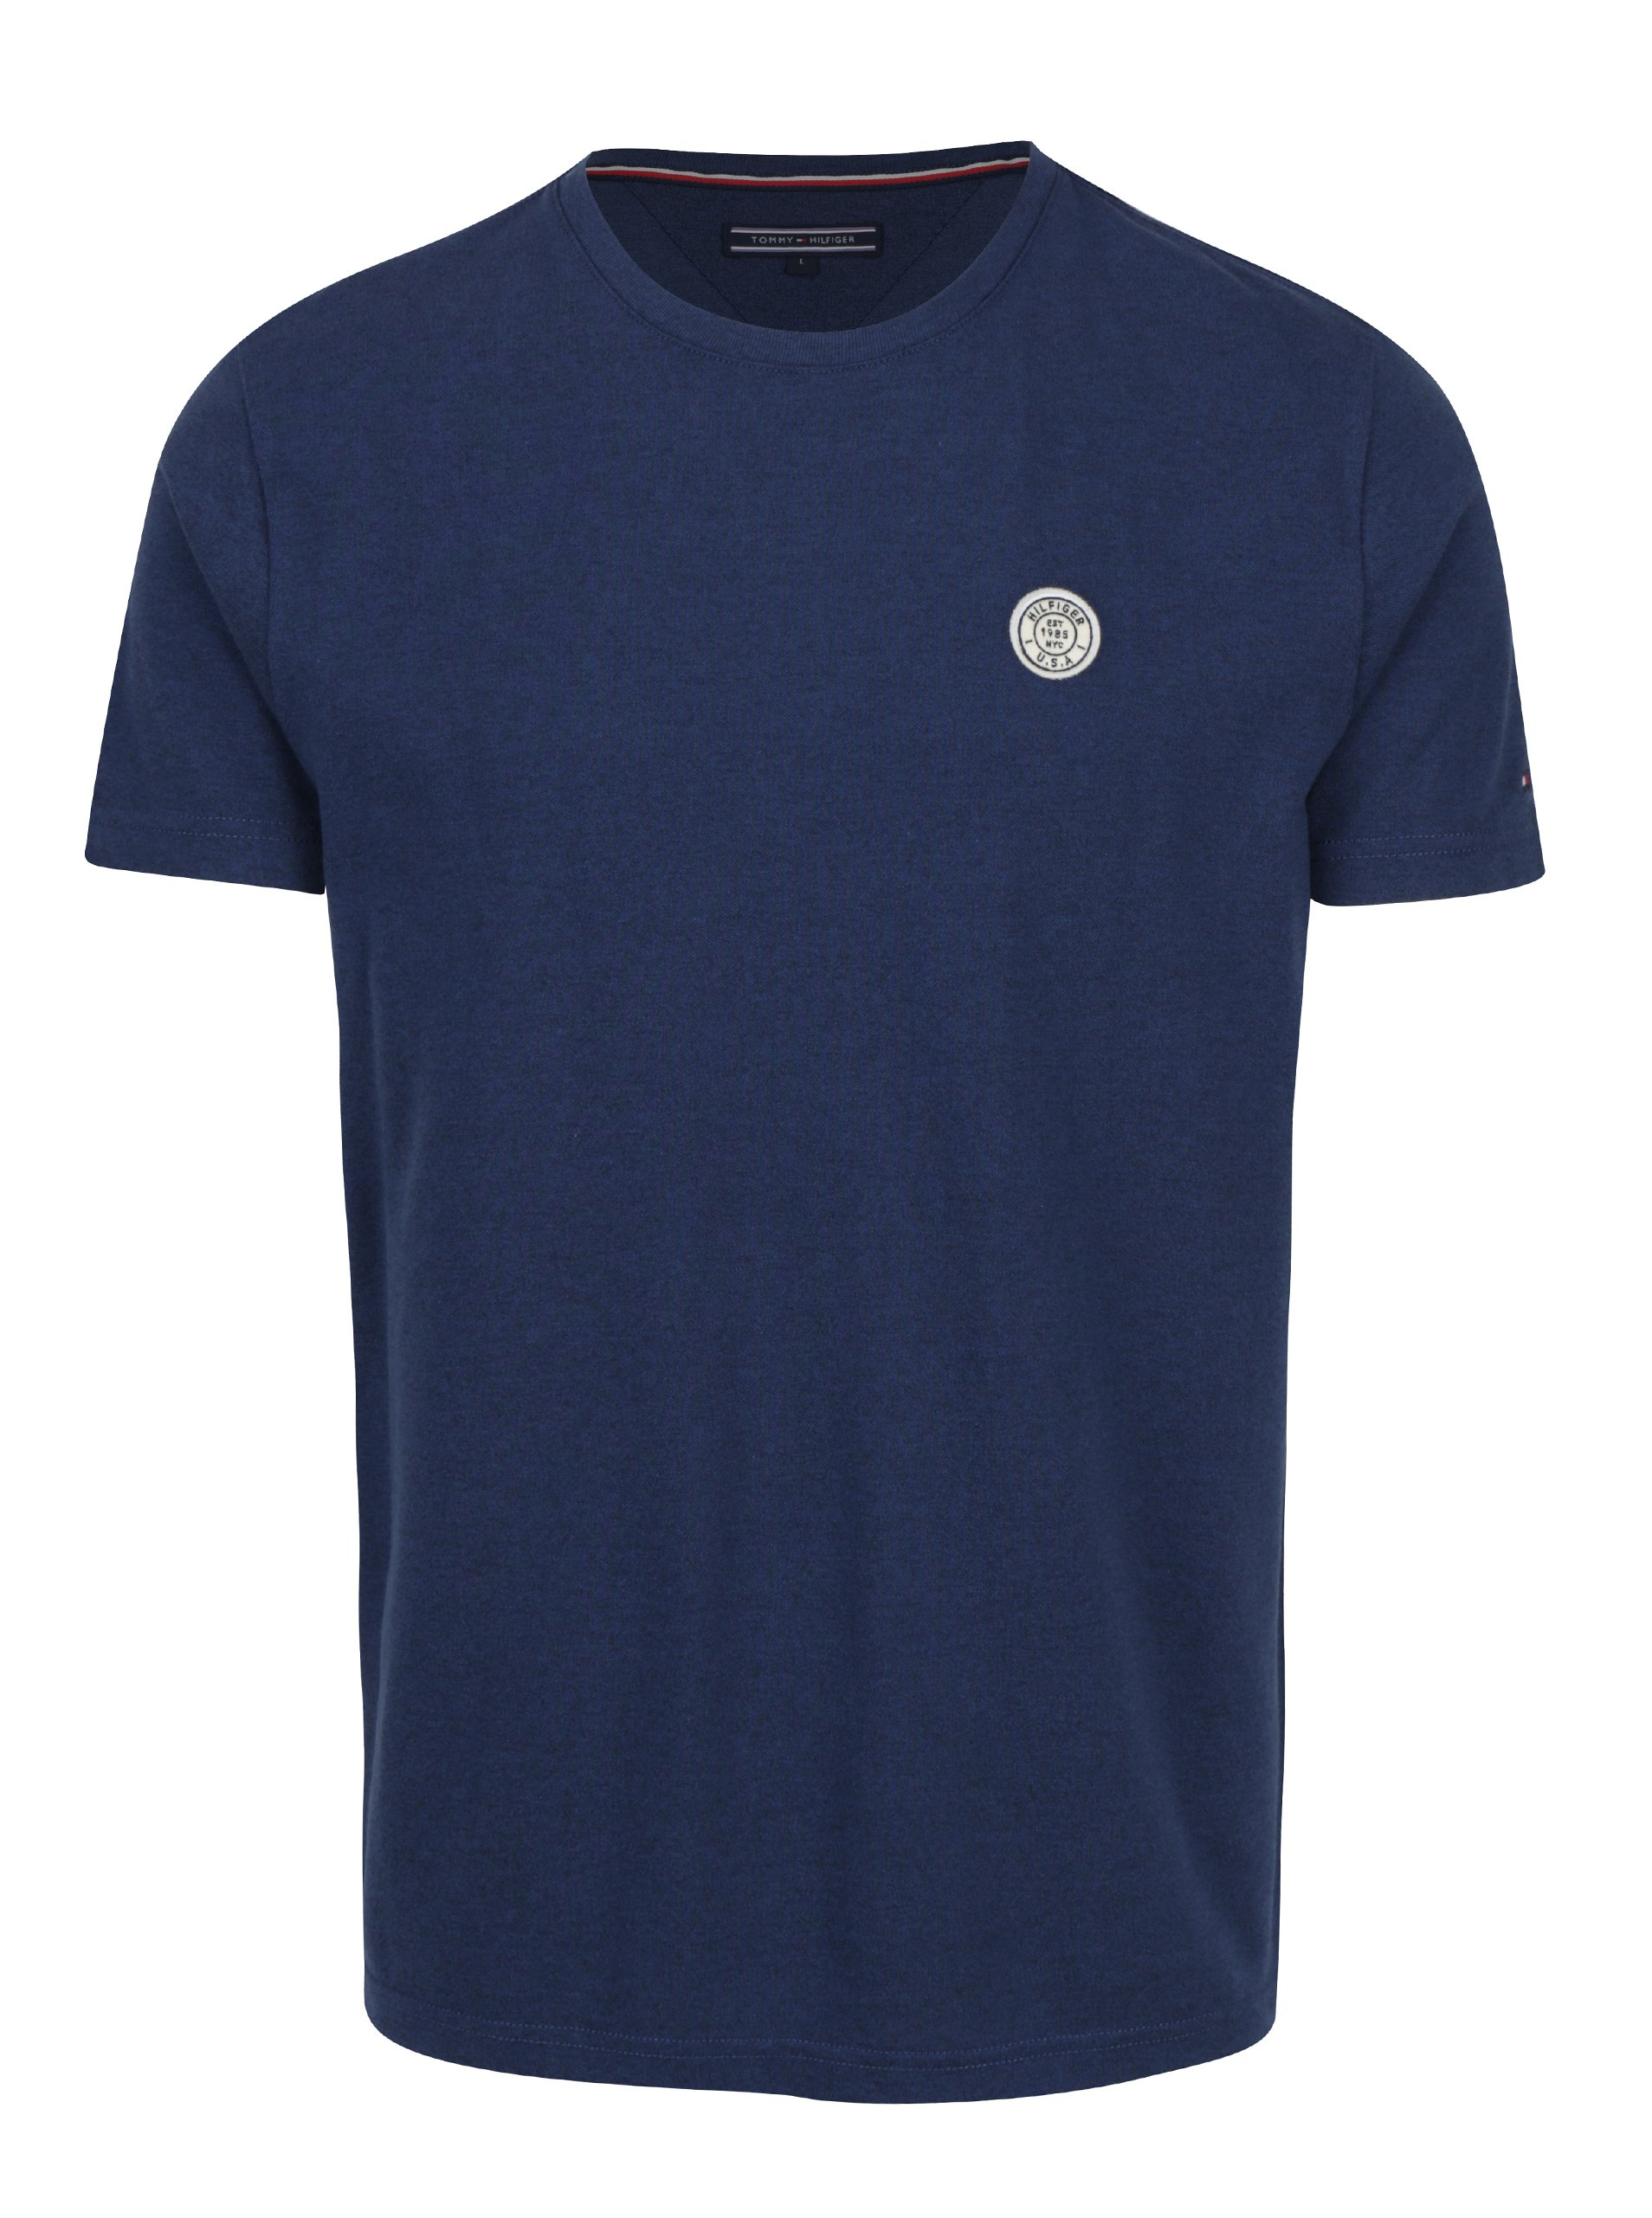 Modré pánské tričko Tommy Hilfiger Pando